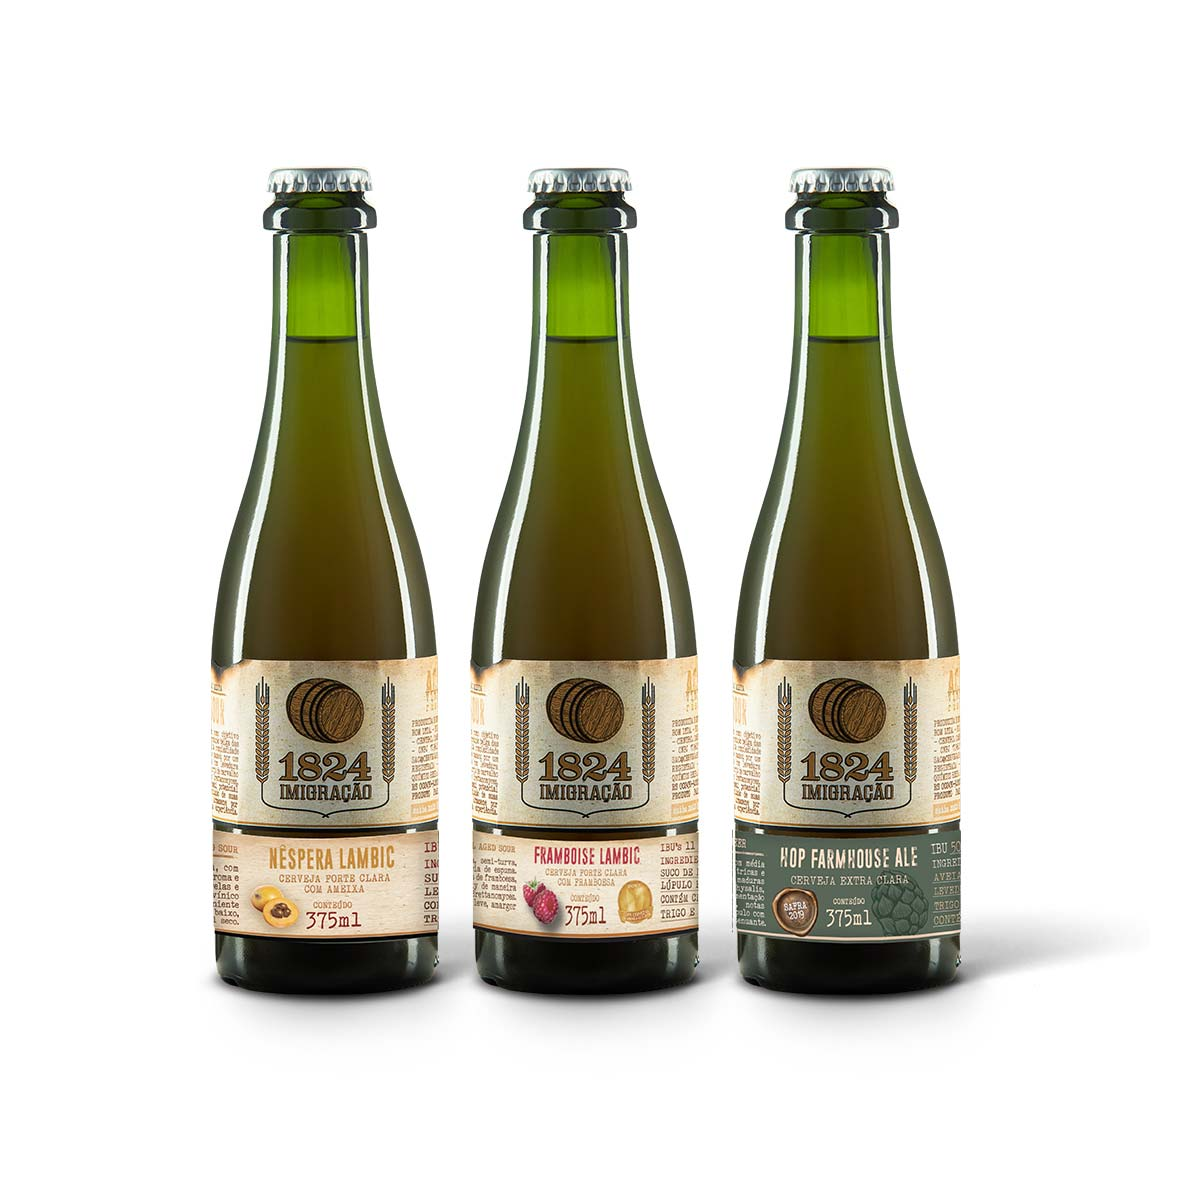 Kit degustação Imigração Sour Wood Aged 3 cervejas 375 ml